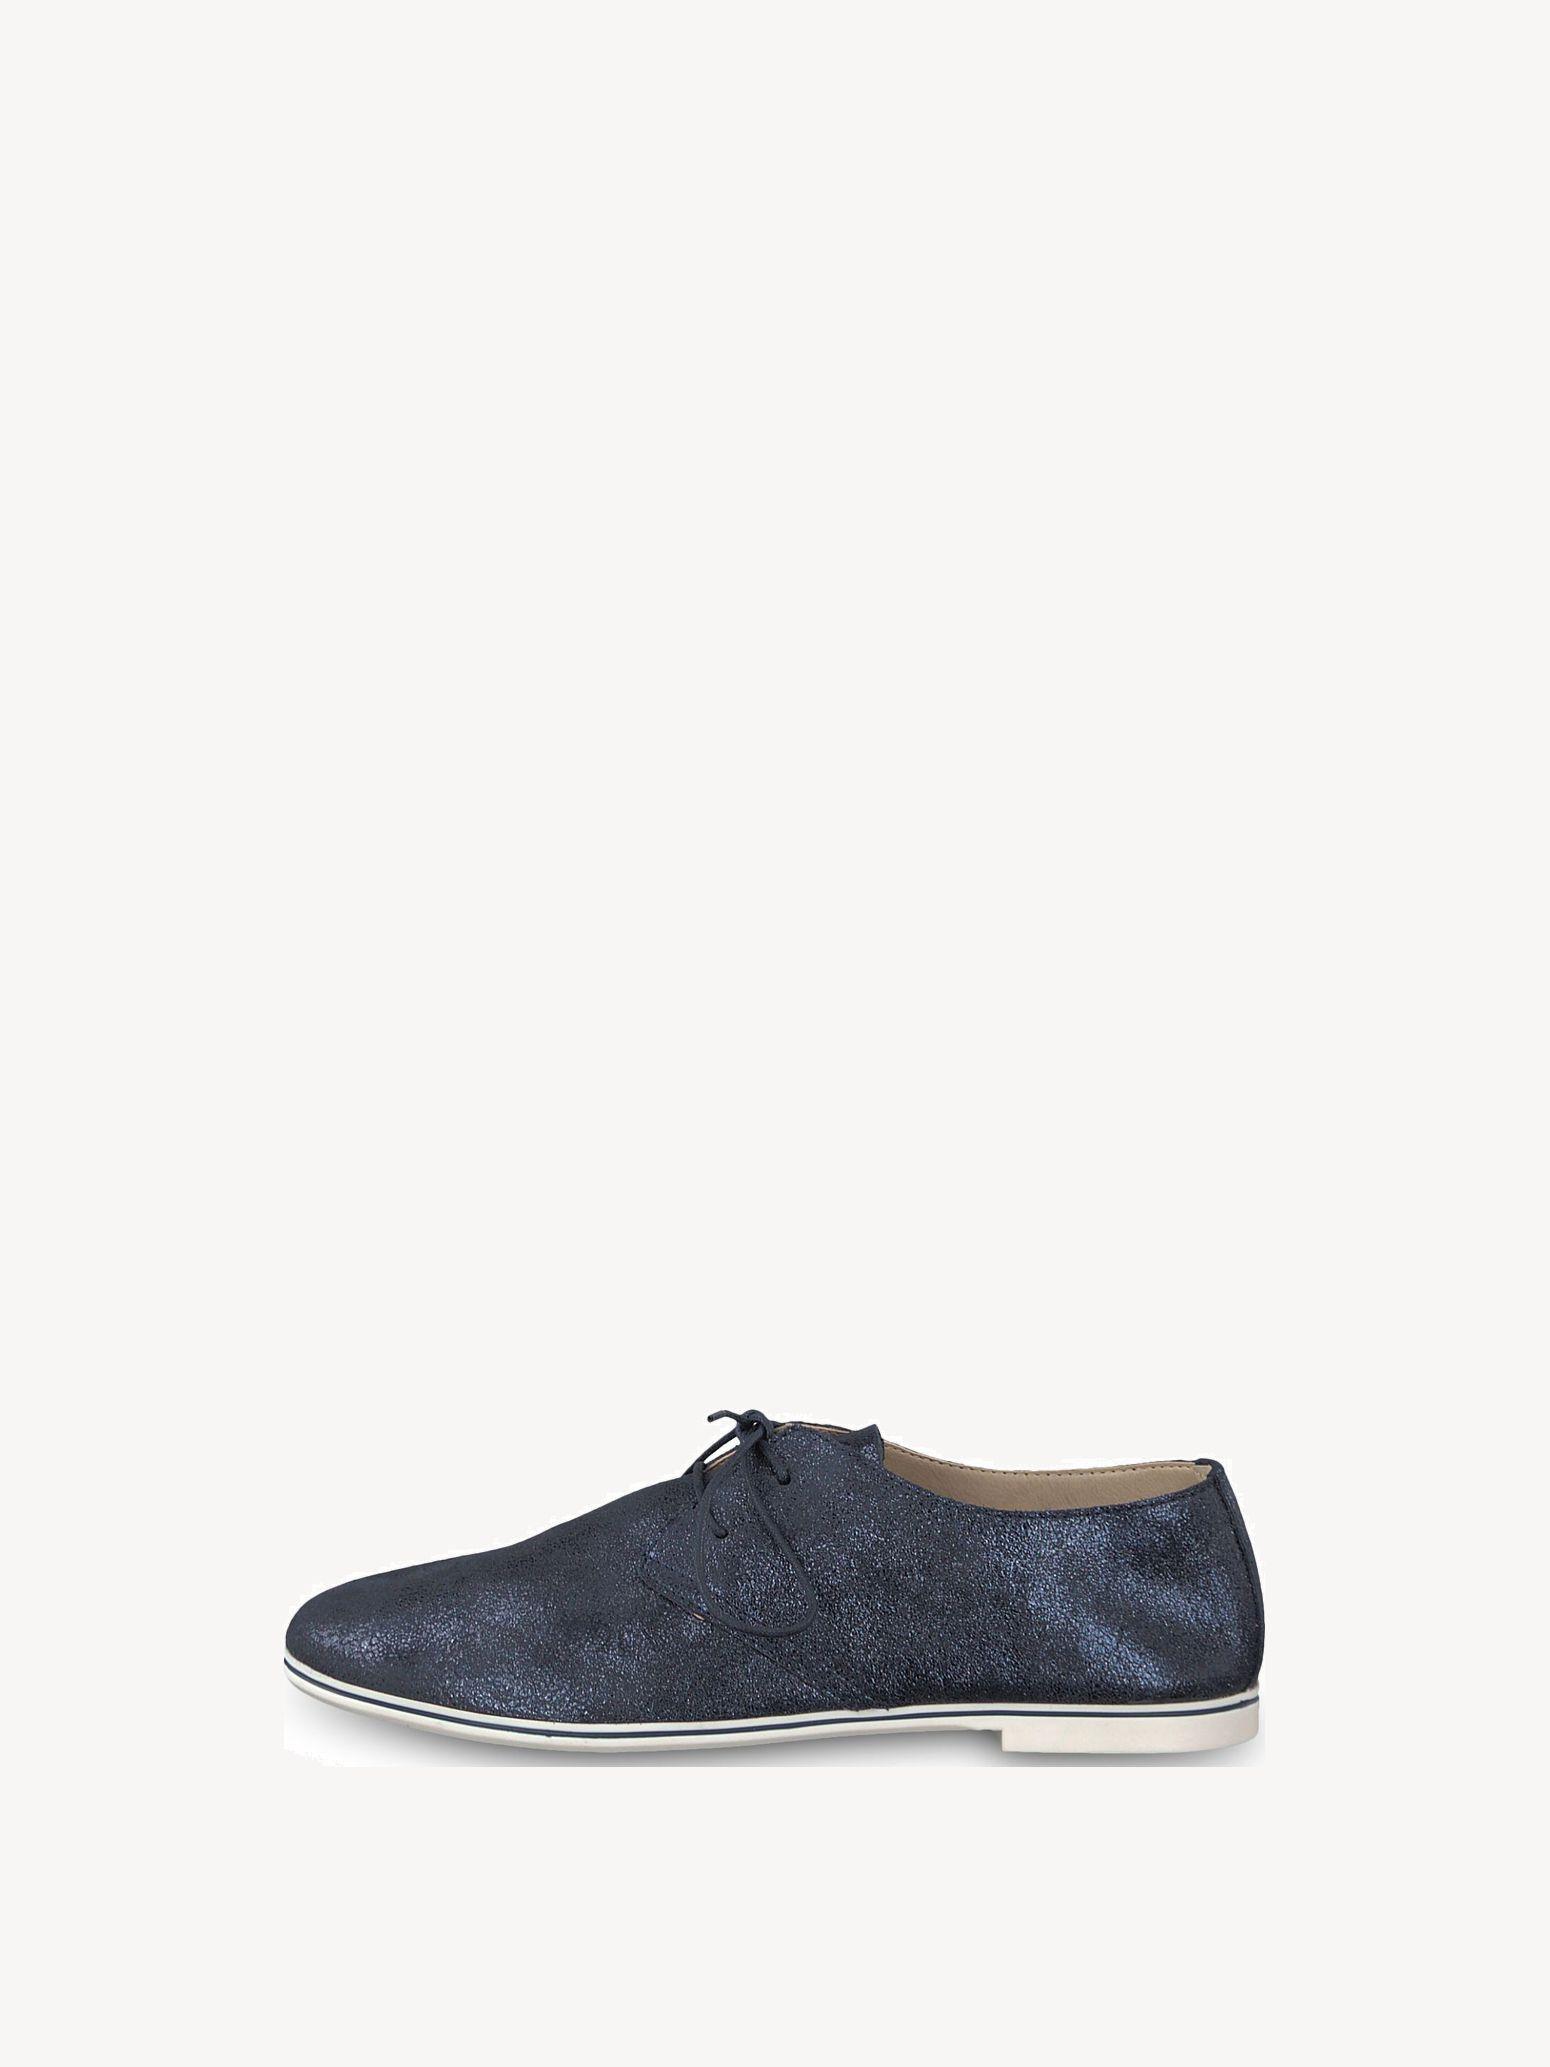 Verzorgingsproducten voor leren schoenen | Pikolinos Webwinkel